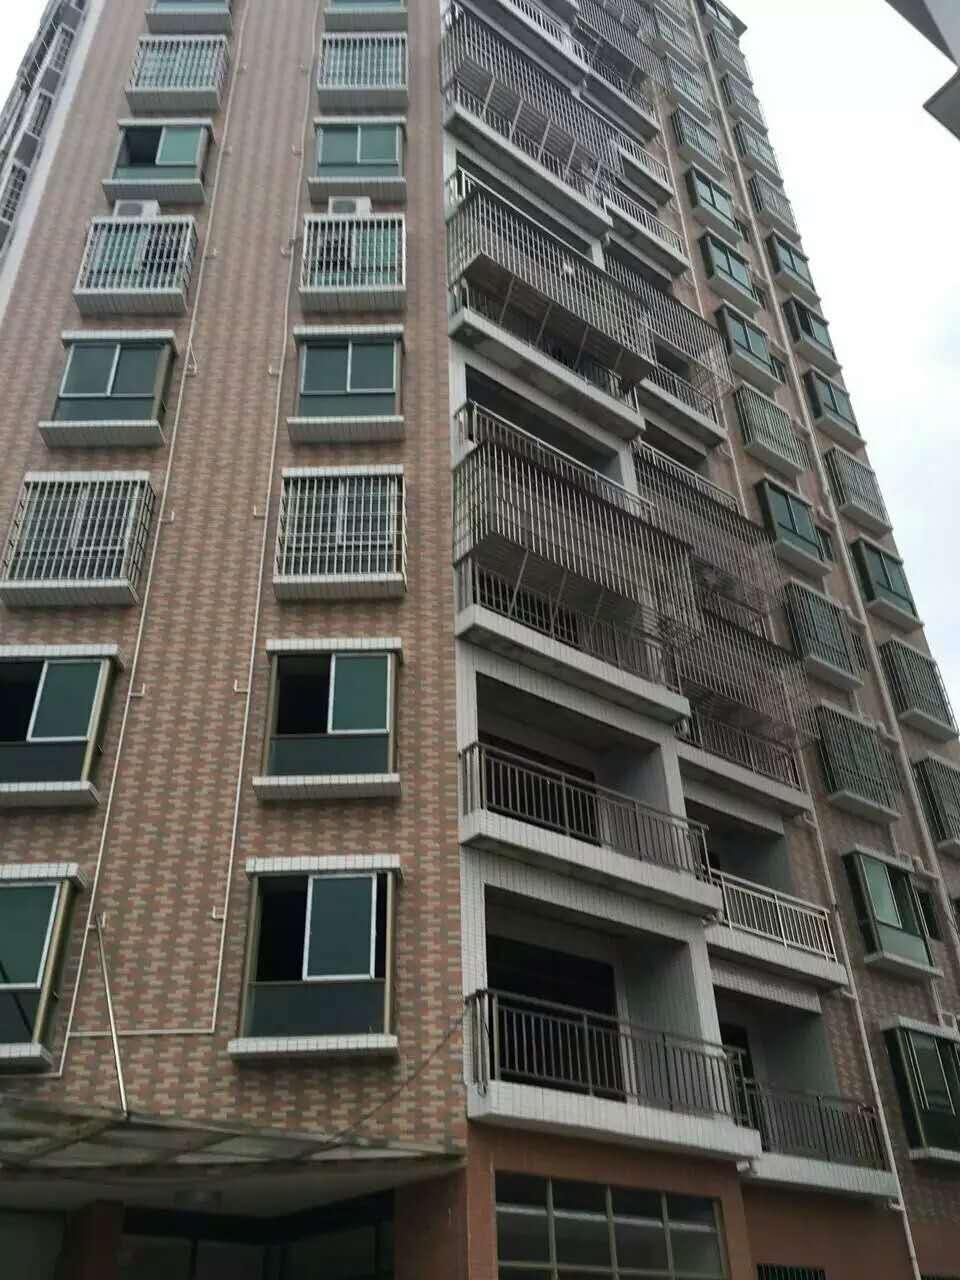 深圳公明楼村小产权房新开盘对外发售,3600元/㎡起 房价 新闻 跳蚤市场 二房二厅 第2张